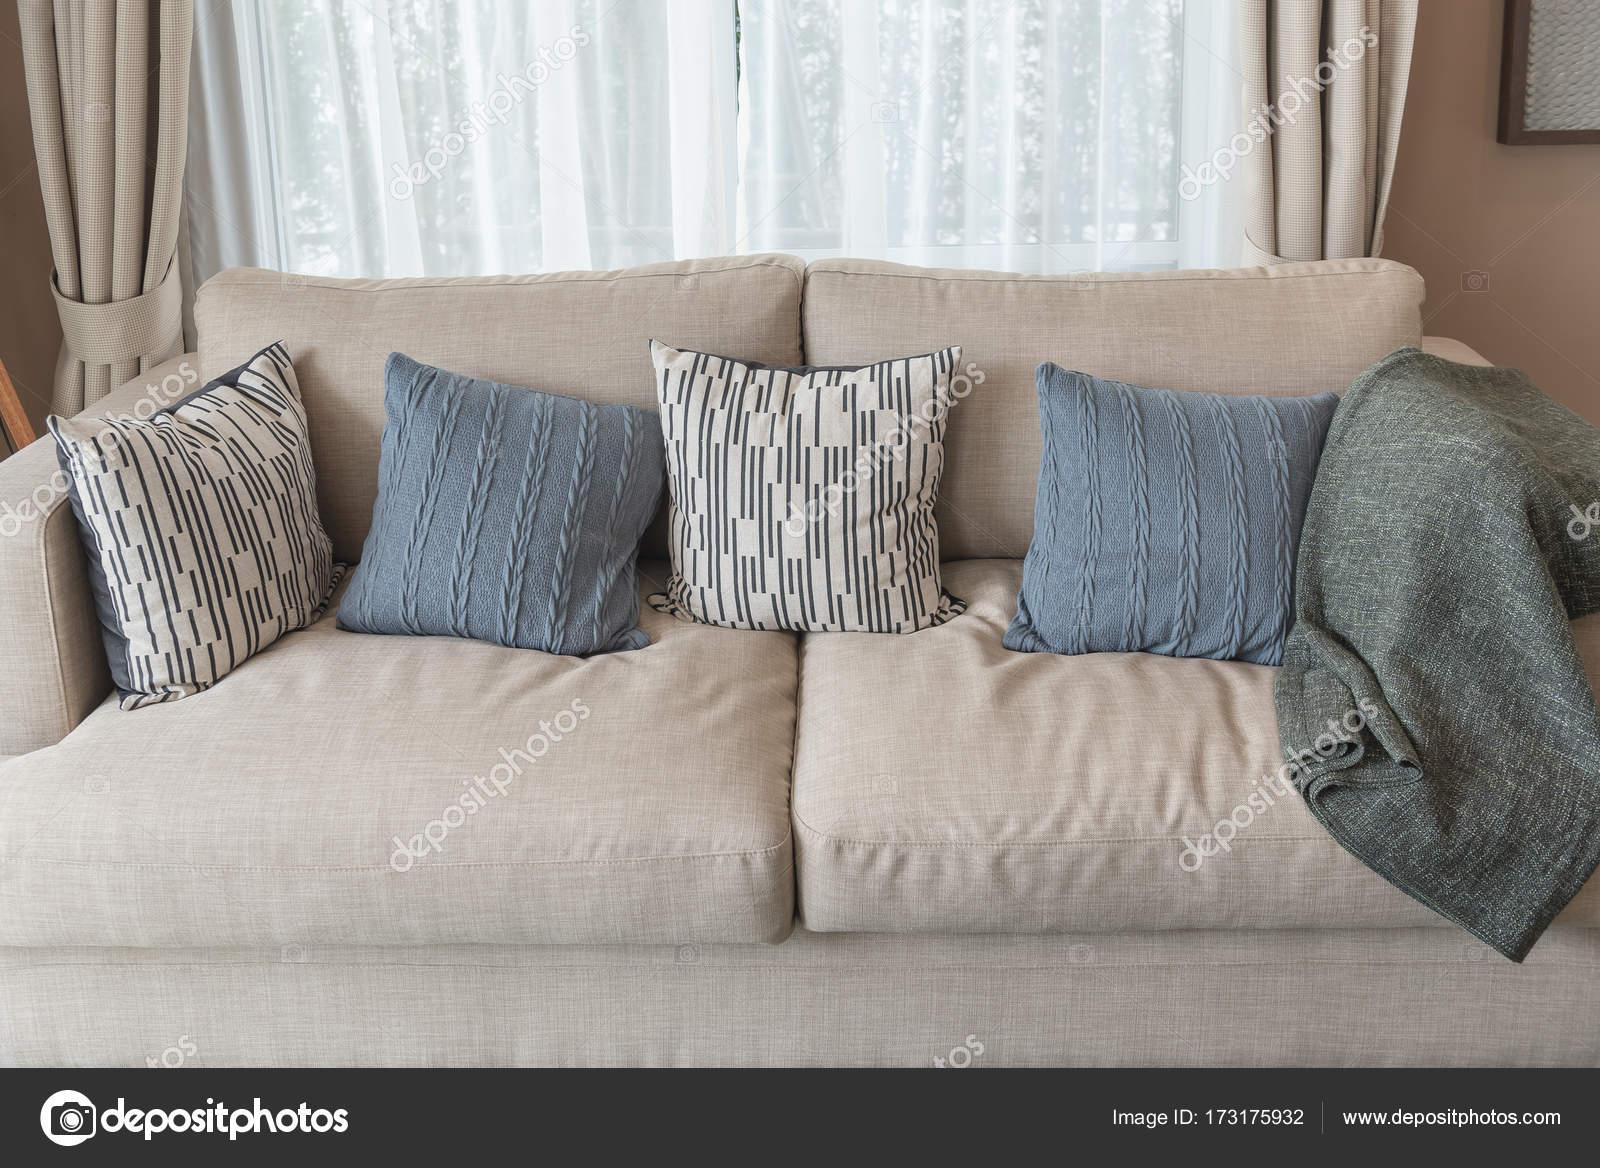 Moderne Wohnzimmer Stil Mit Braunen Modernes Sofa U2014 Stockfoto